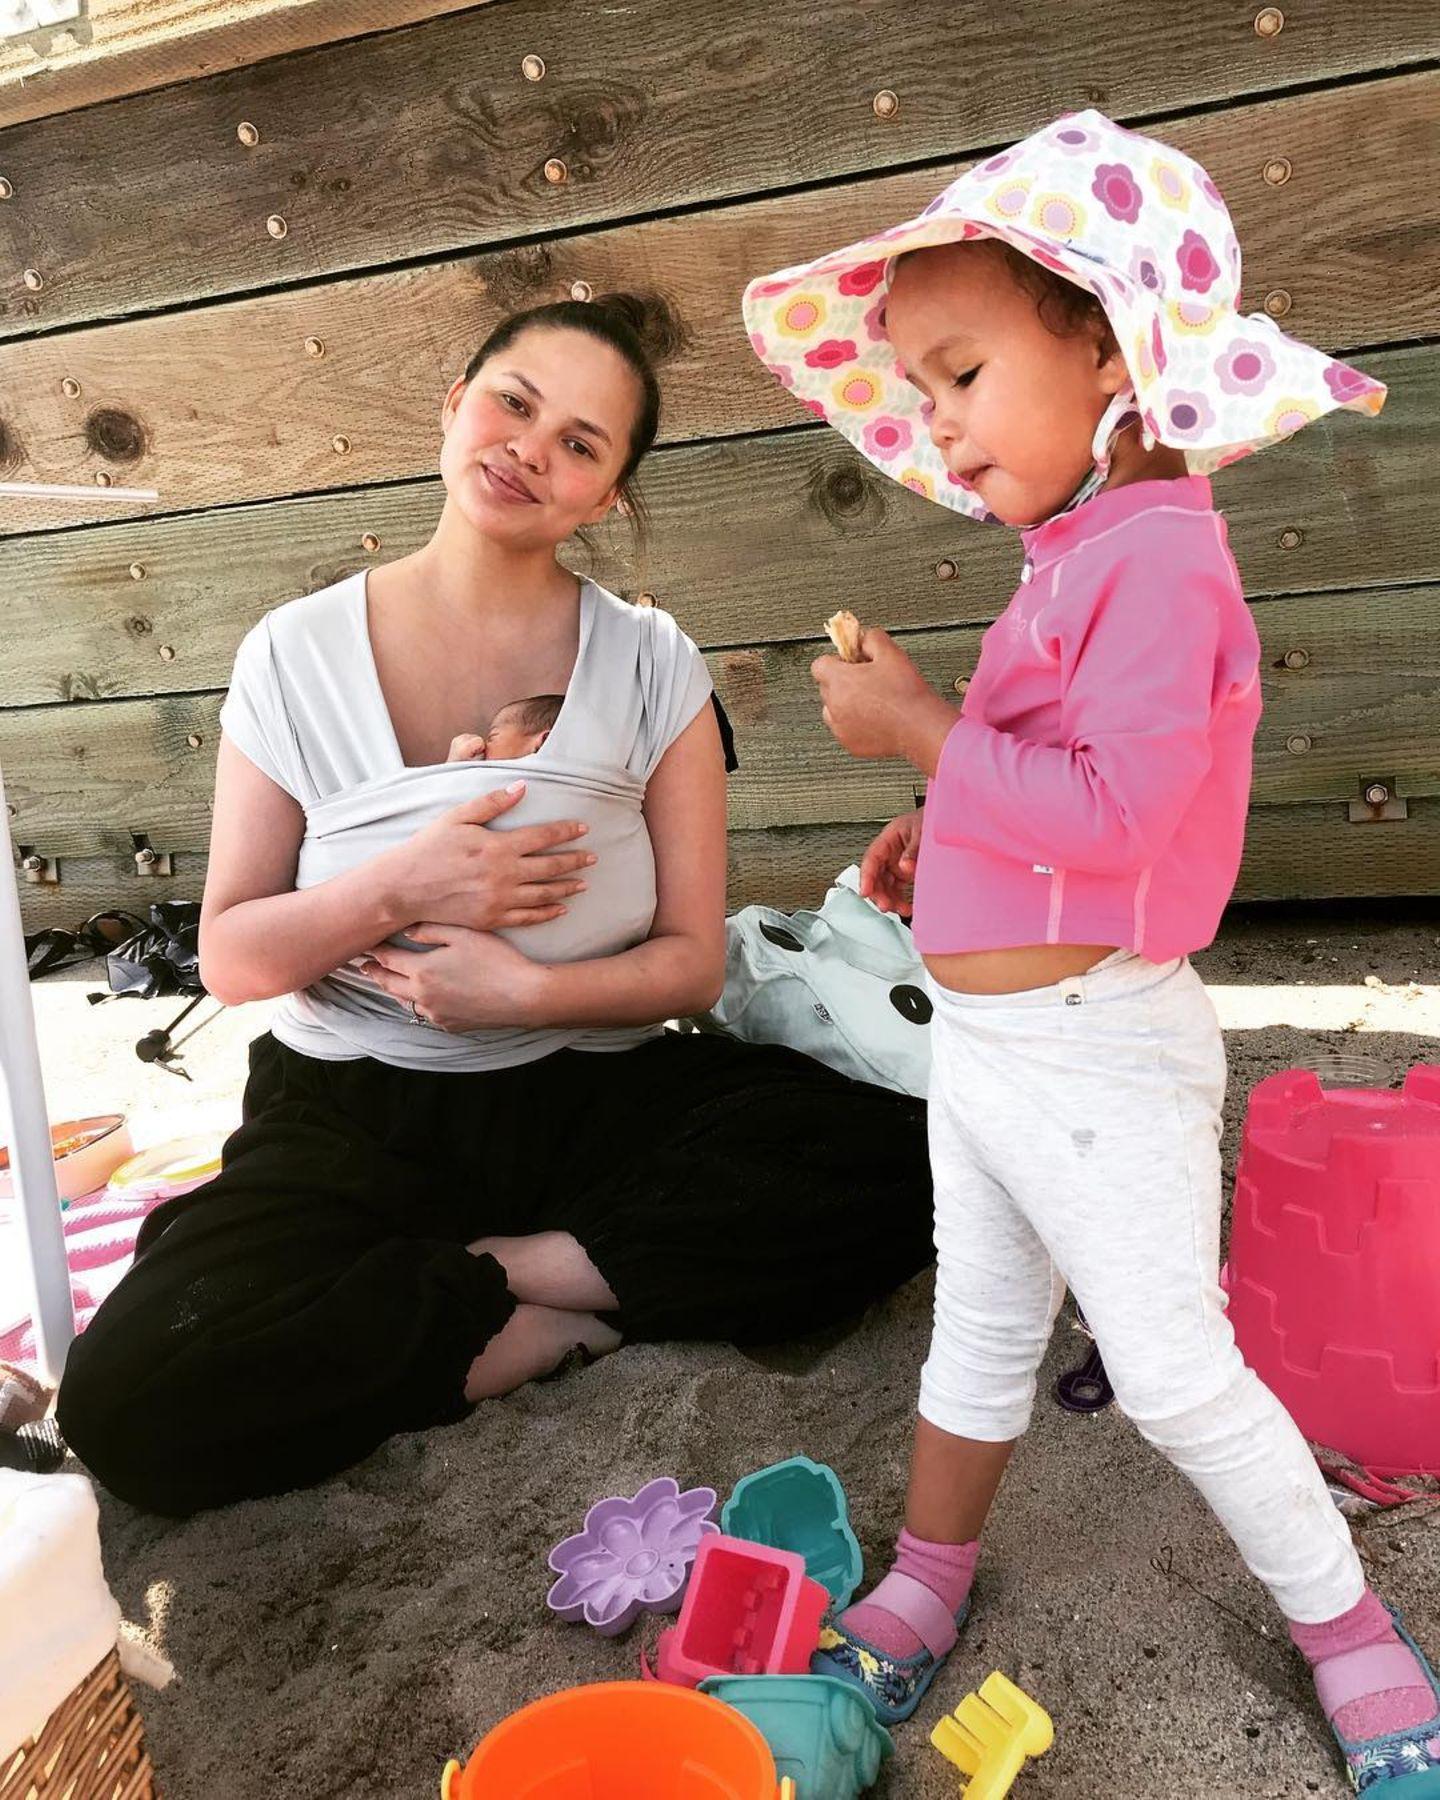 5. Juni 2018  Chrissy Teigen verbringt mit den beiden Kids Miles Theodore und Luna einen entspannten Tag am Meer.